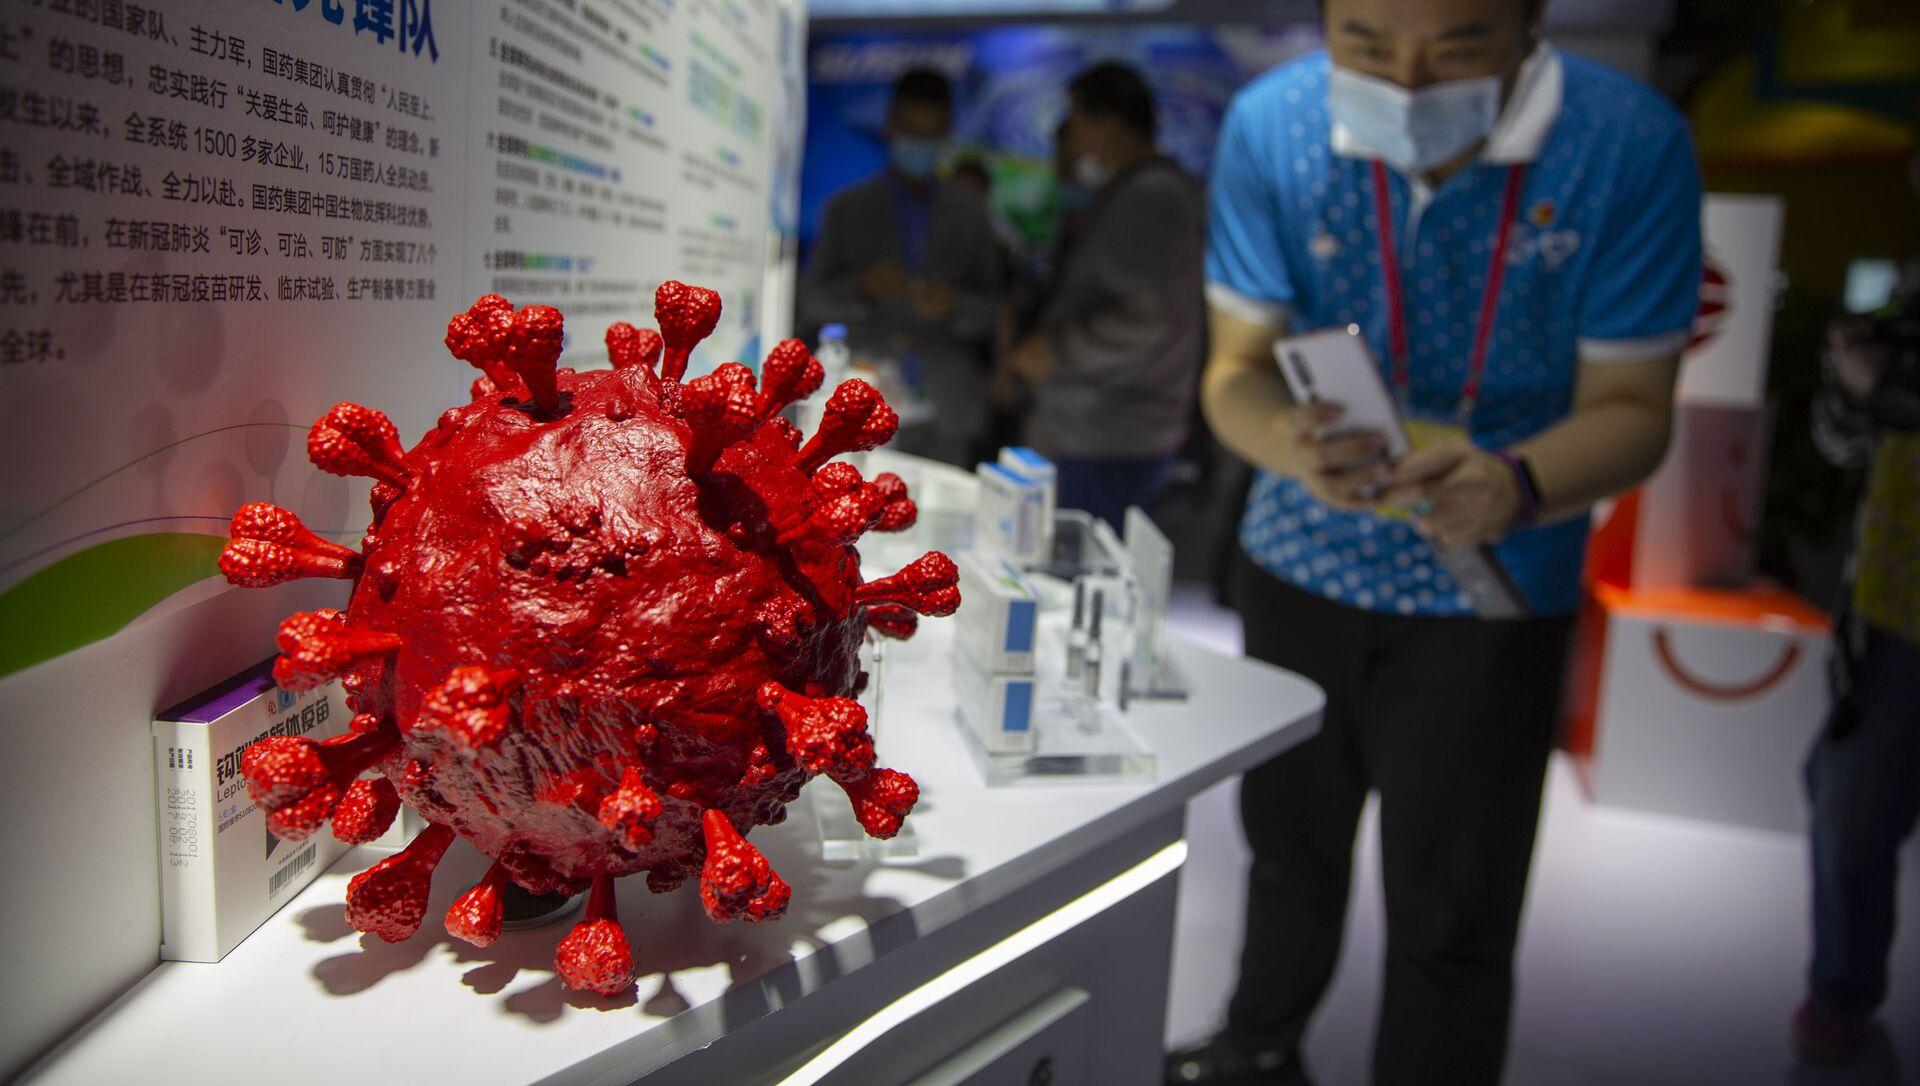 Návštěvník v roušce pořídí fotografii modelu koronaviru a krabiček na vakcíny na covid-19 na stánku čínské farmaceutické firmy Sinopharm na čínském mezinárodním veletrhu obchodu v službách (CIFTIS) v Pekingu - Sputnik Česká republika, 1920, 04.03.2021